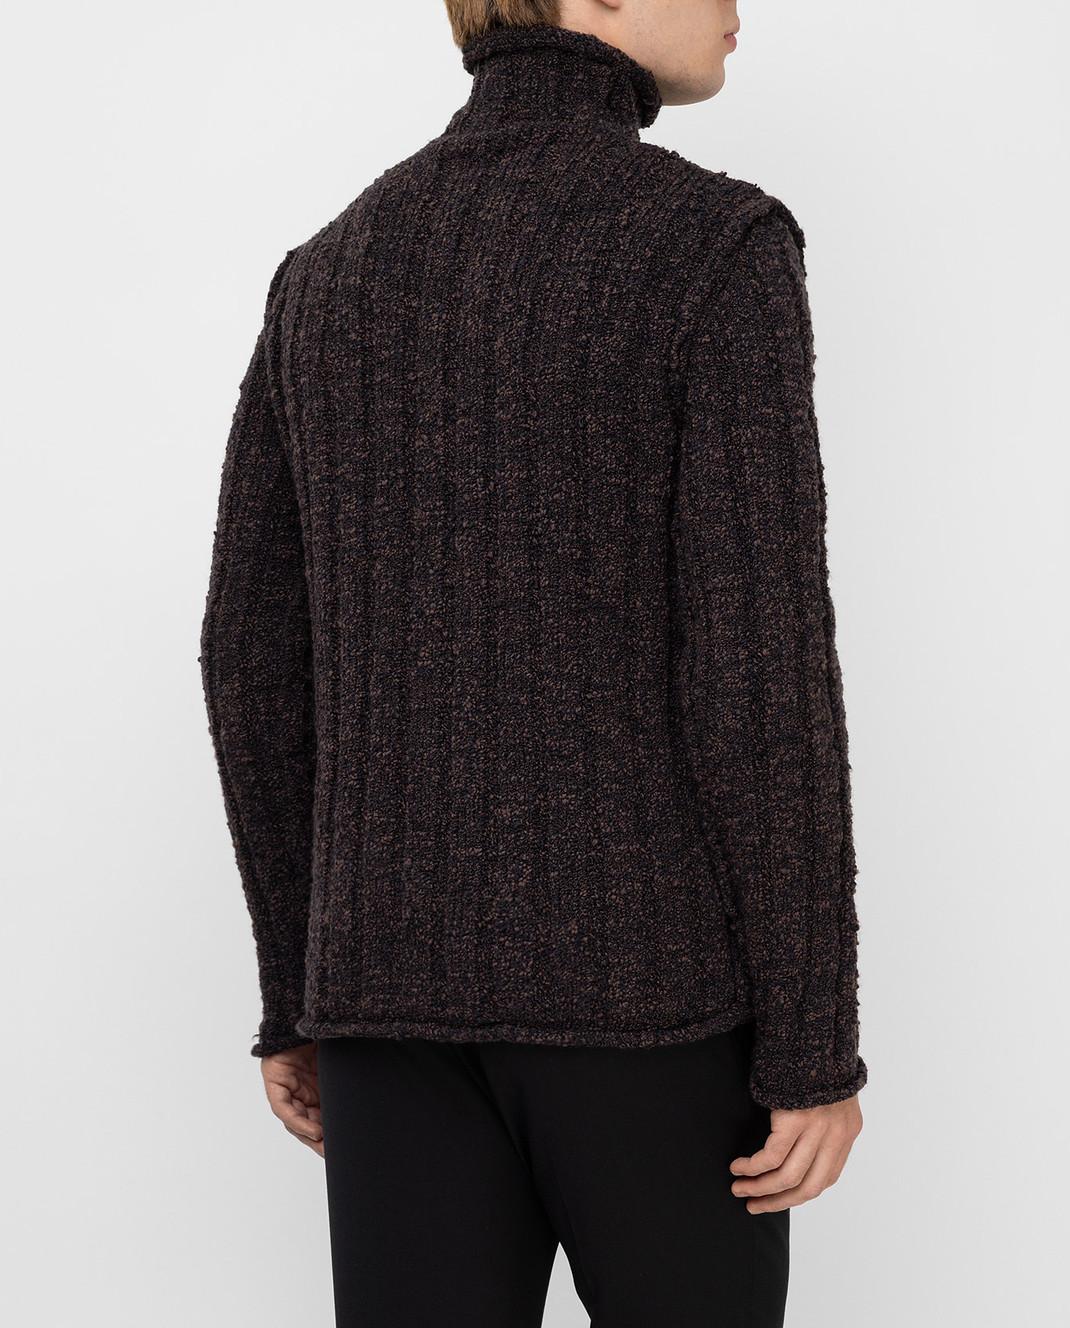 Dolce&Gabbana Коричневый свитер из шерсти изображение 4